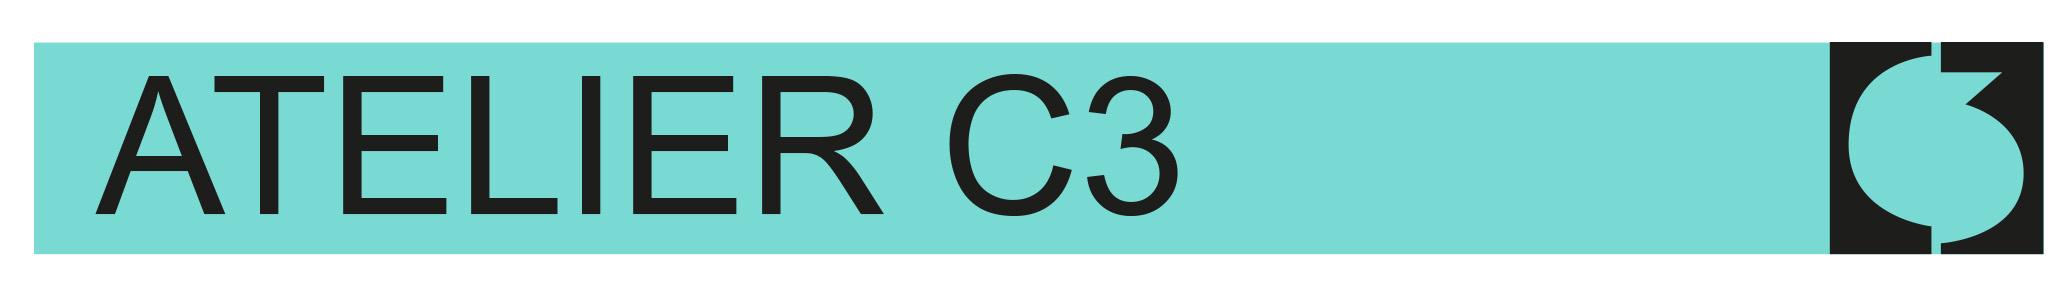 Atelier C3